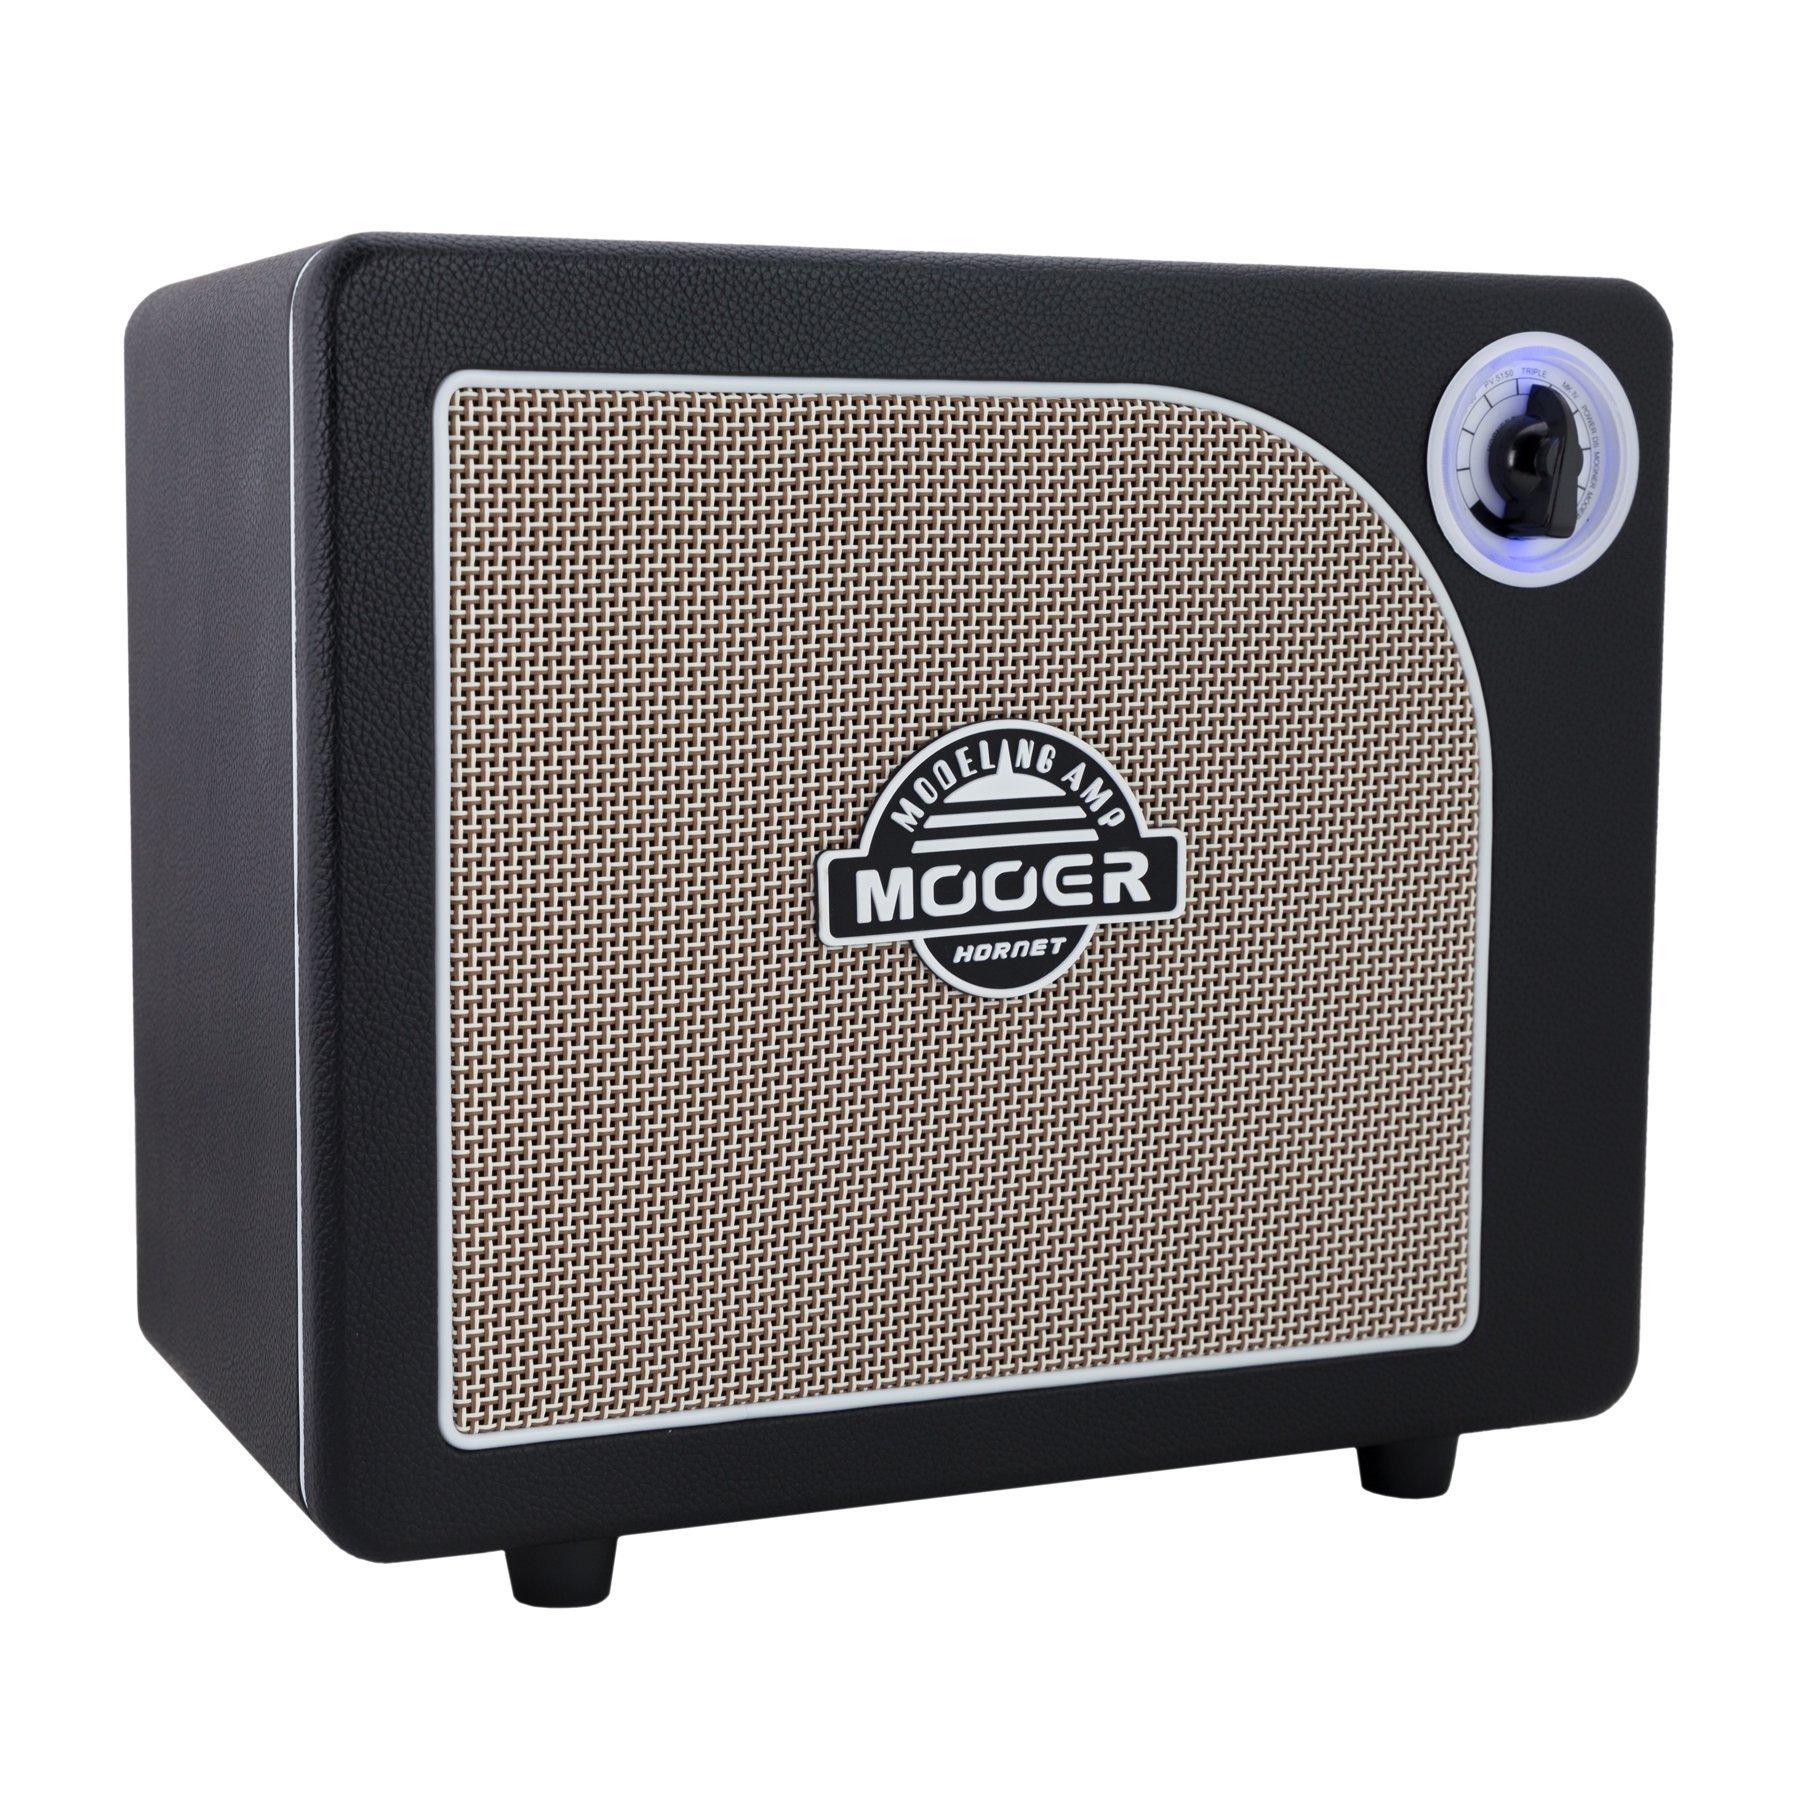 sku mooer hornet 15 watt modelling amplifier combo black muso city - Mooer Hornet 15 Watt Modelling Amplifier Combo (Black)